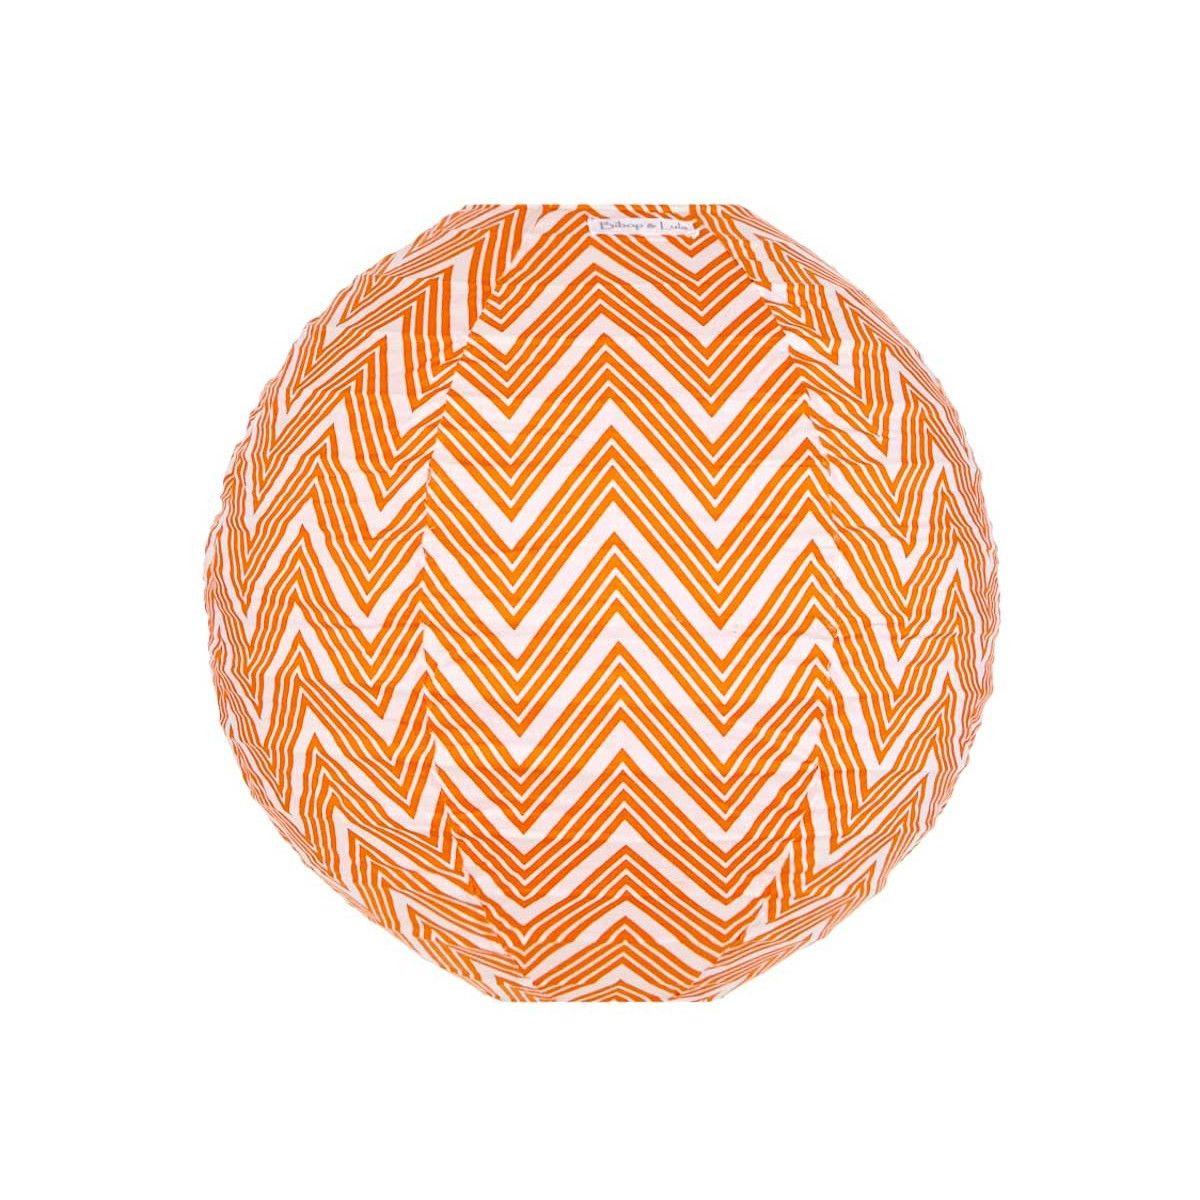 Lampion tissu rond Zig zag orange